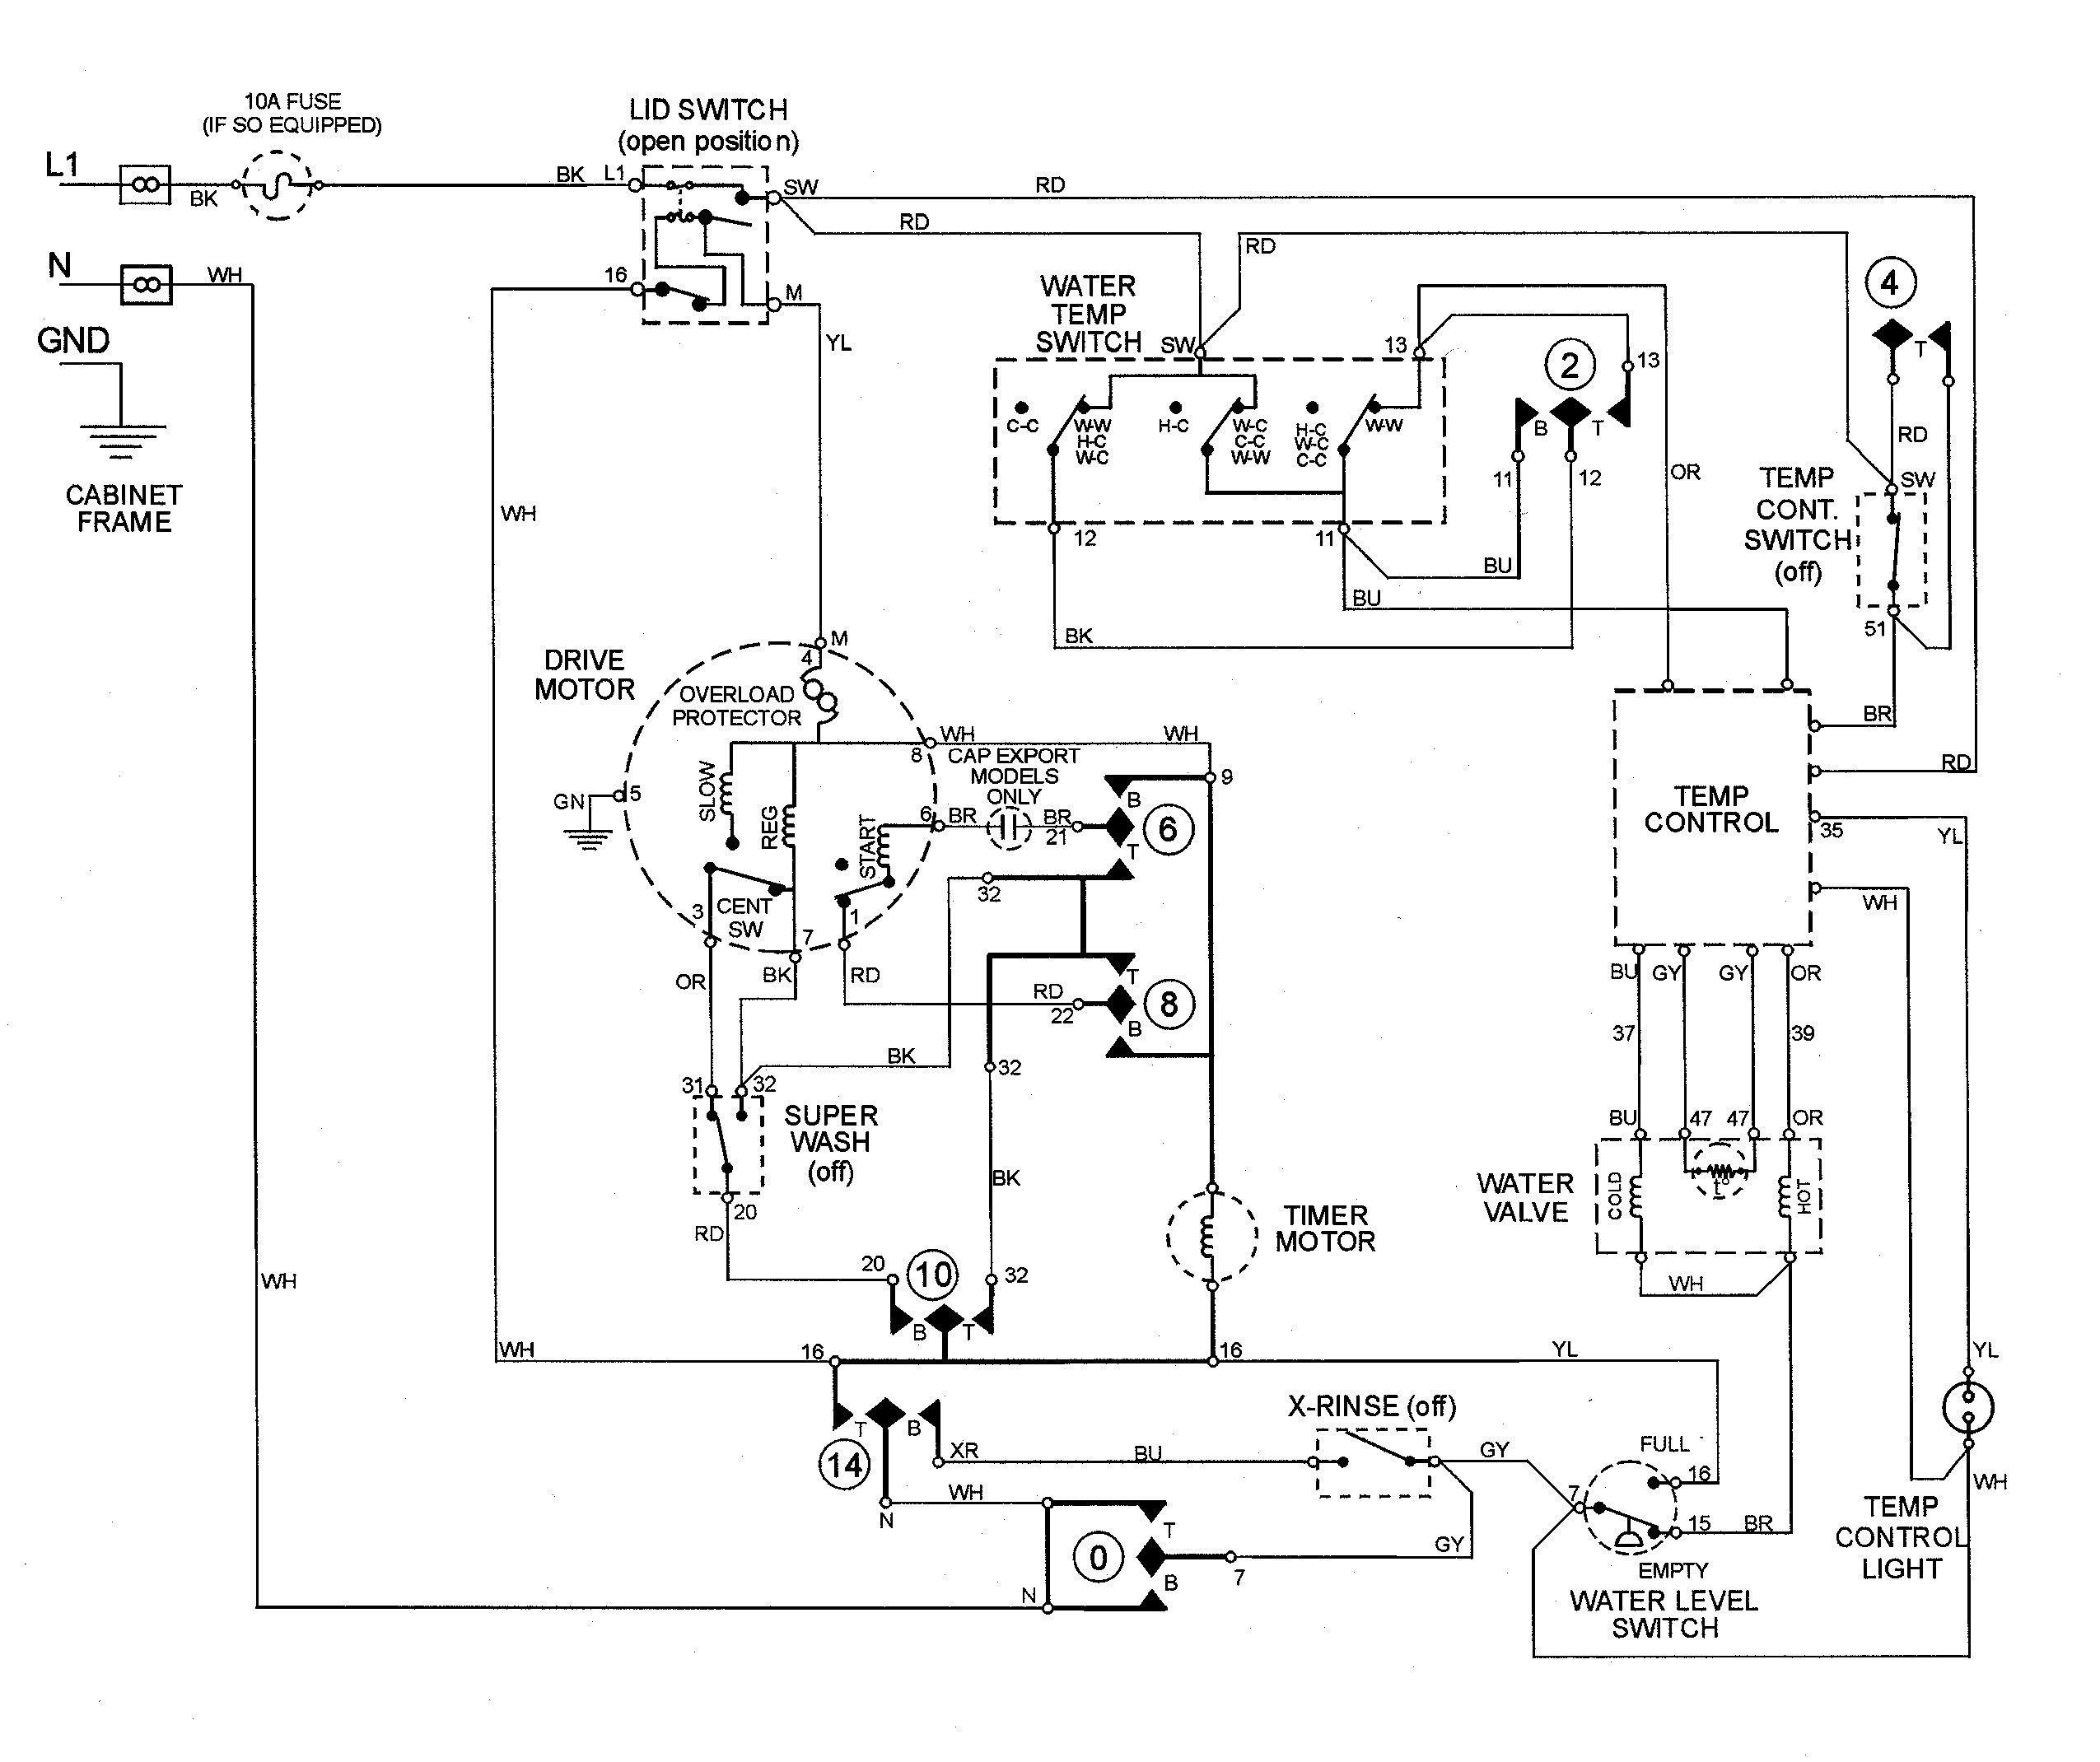 Inspirational Ge Motor Starter Wiring Diagram | Washing machine motor, Electrical  diagram, Washing machine and dryer | Ge Magnetic Starter Wiring Diagrams |  | Pinterest